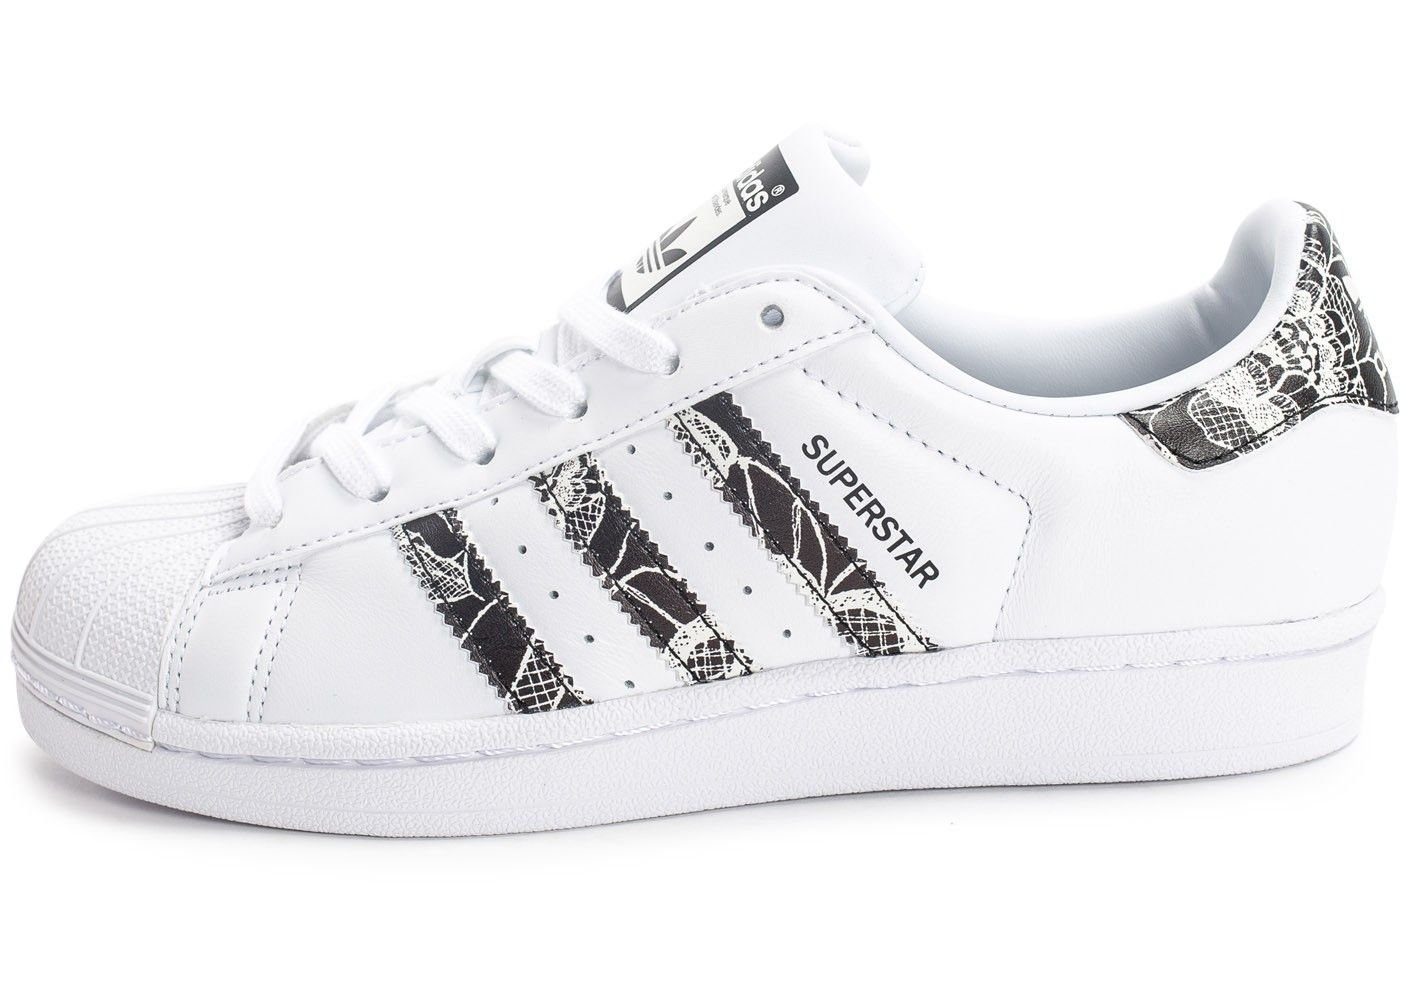 Chaussures Adidas Superstar Farm Company Print Vue Exterieure Sapatos Femininos Elegantes Sapatos Adidas Tenis Da Moda